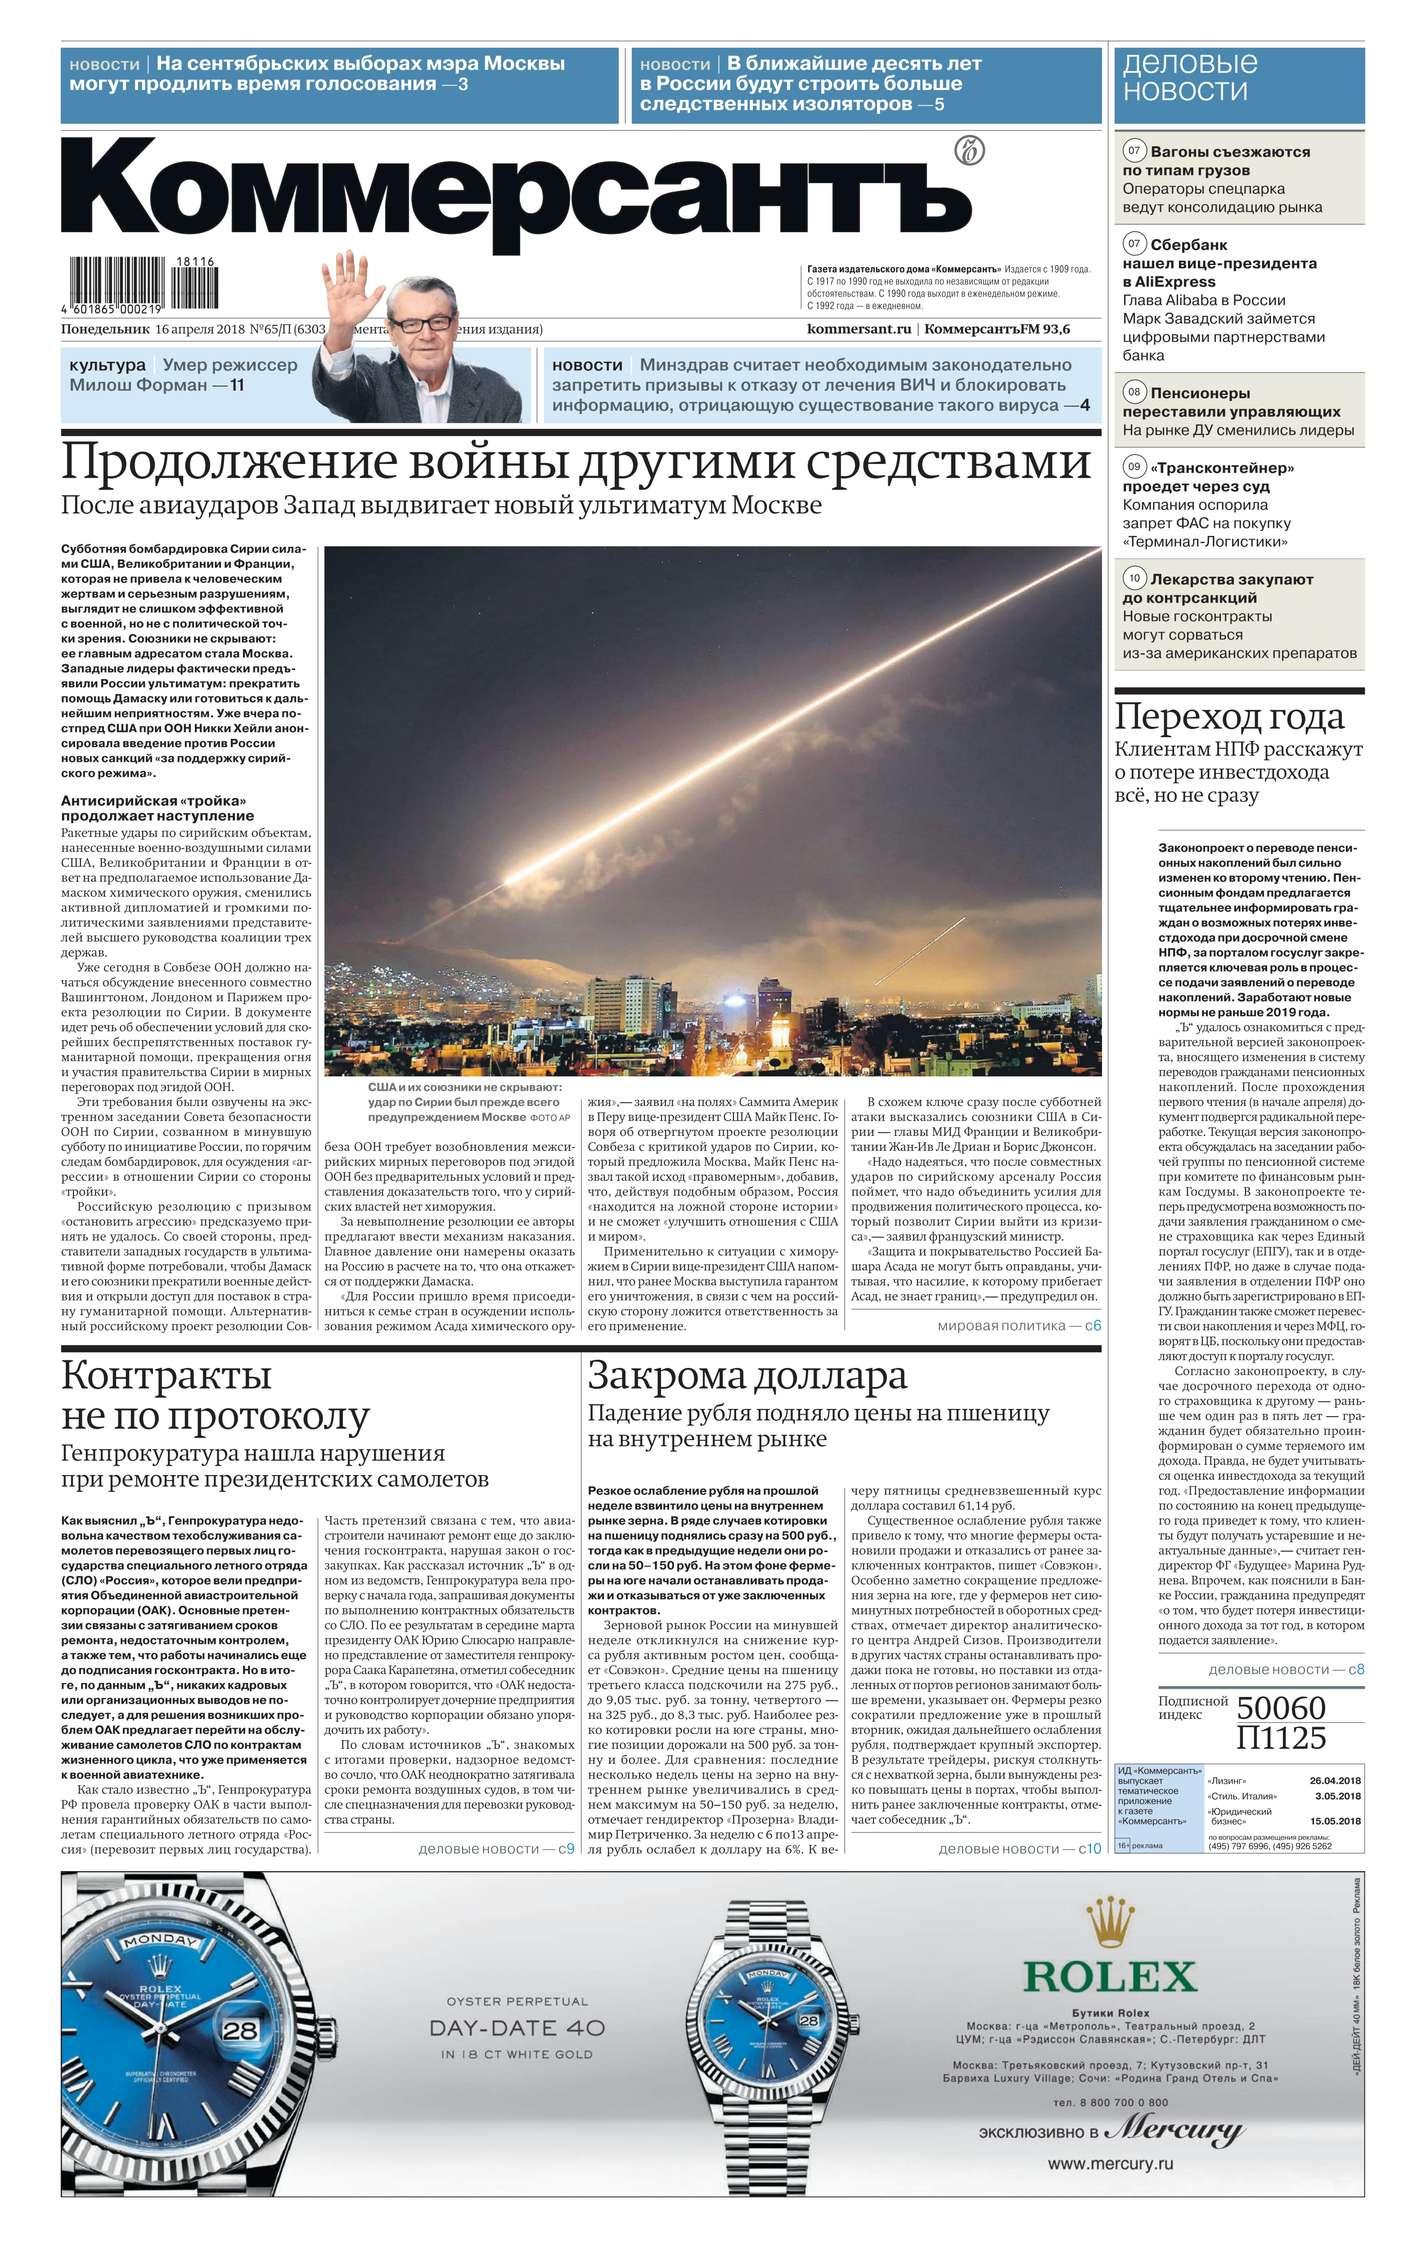 Редакция газеты Коммерсантъ (понедельник-пятница) Коммерсантъ (понедельник-пятница) 65п-2018 цена